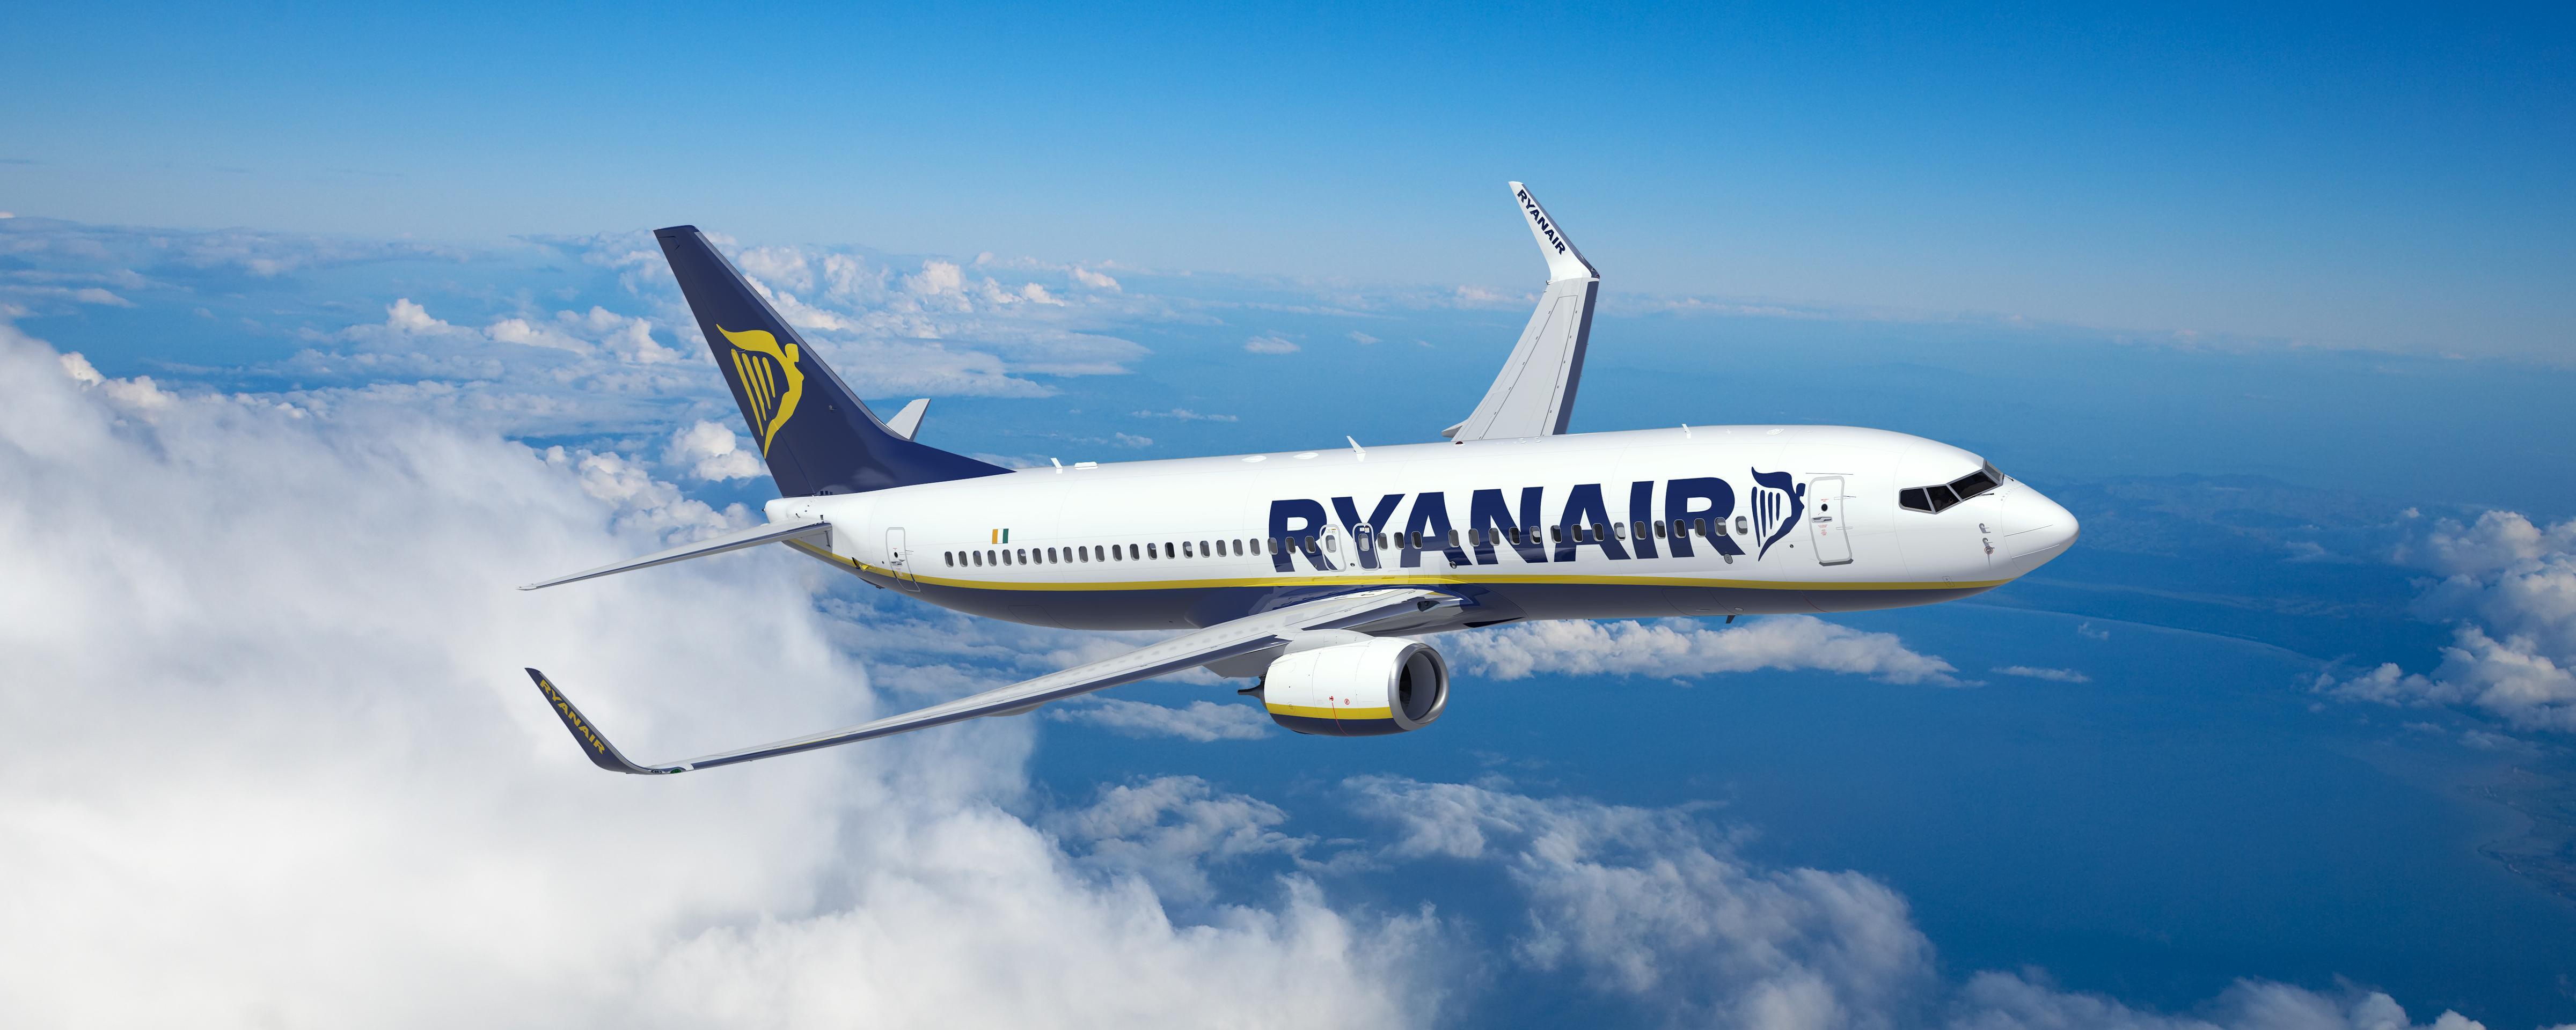 Ο Τάσος Δούσης συμβουλεύει: Τι να προσέχεις όταν κλείνεις εισιτήρια με Ryanair. Δώσε βάση για να μην την πατήσεις!